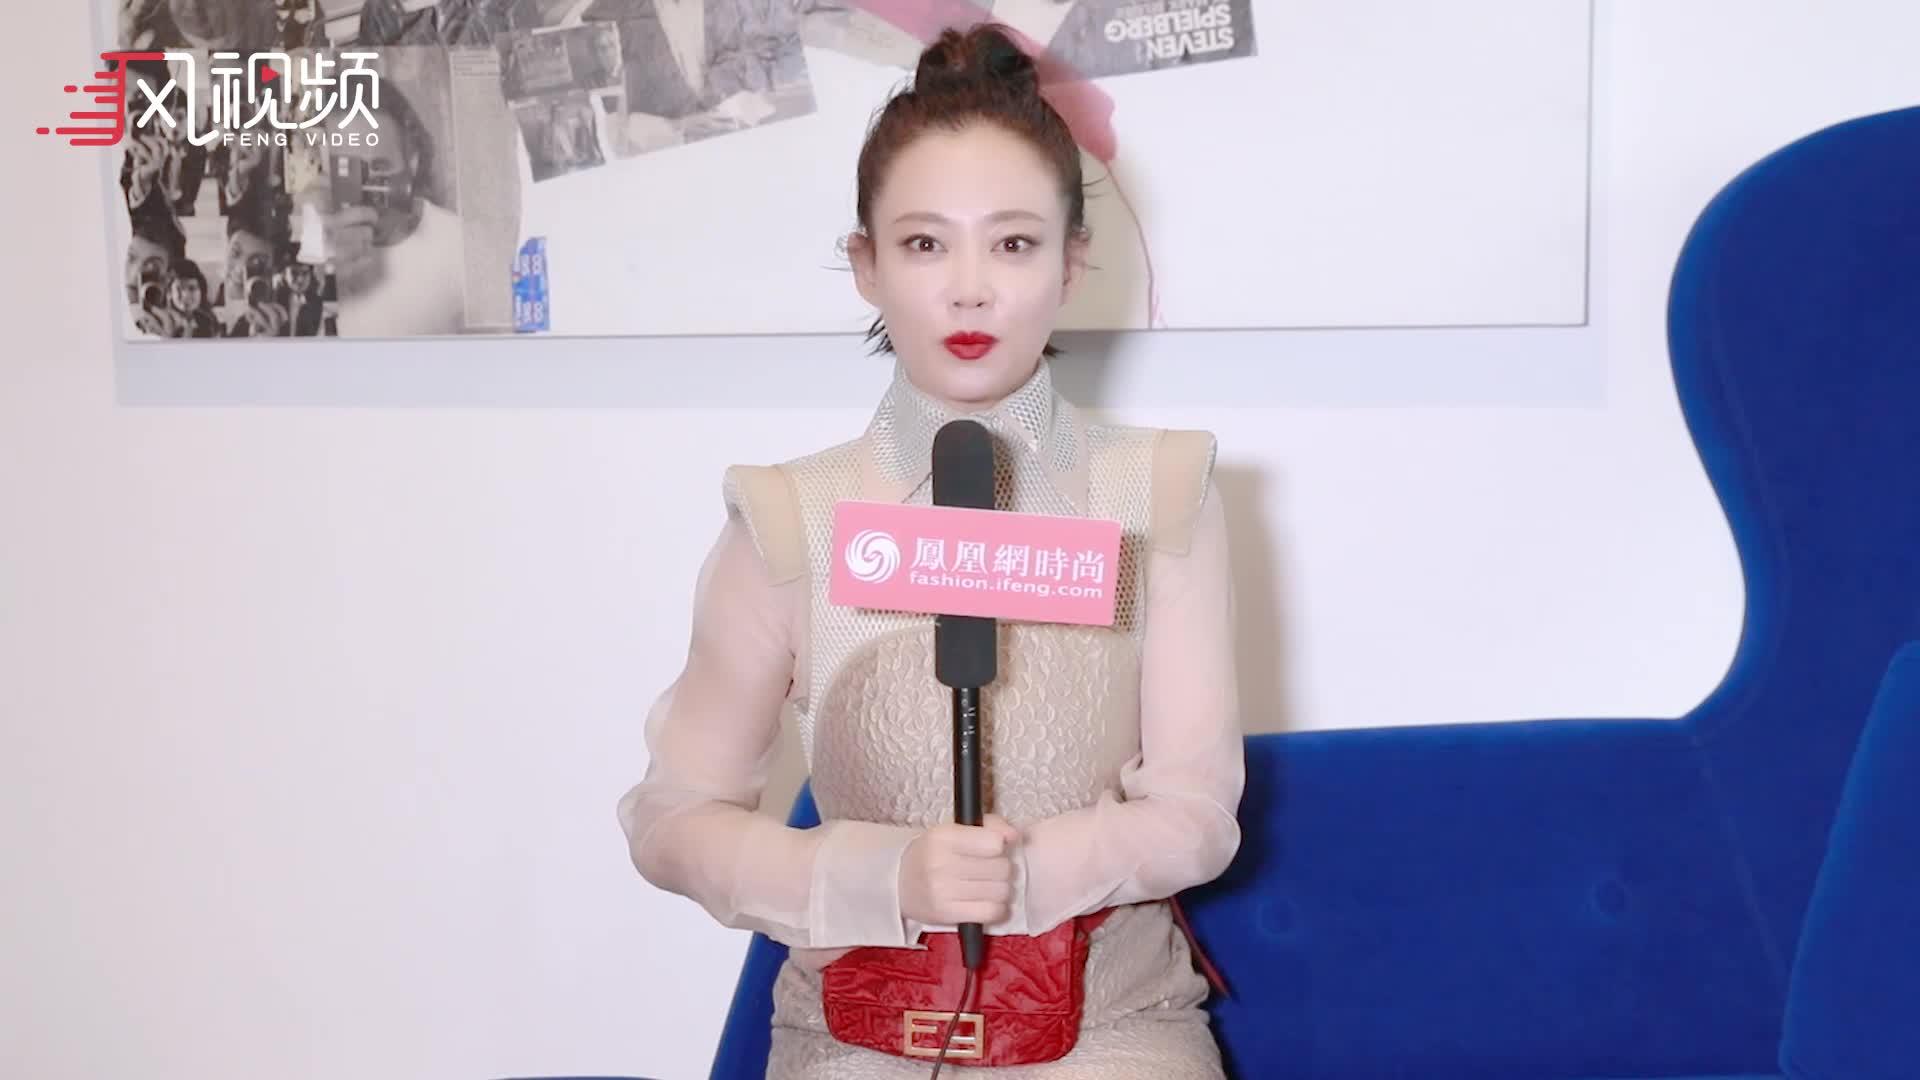 凤凰网时尚专访谭卓